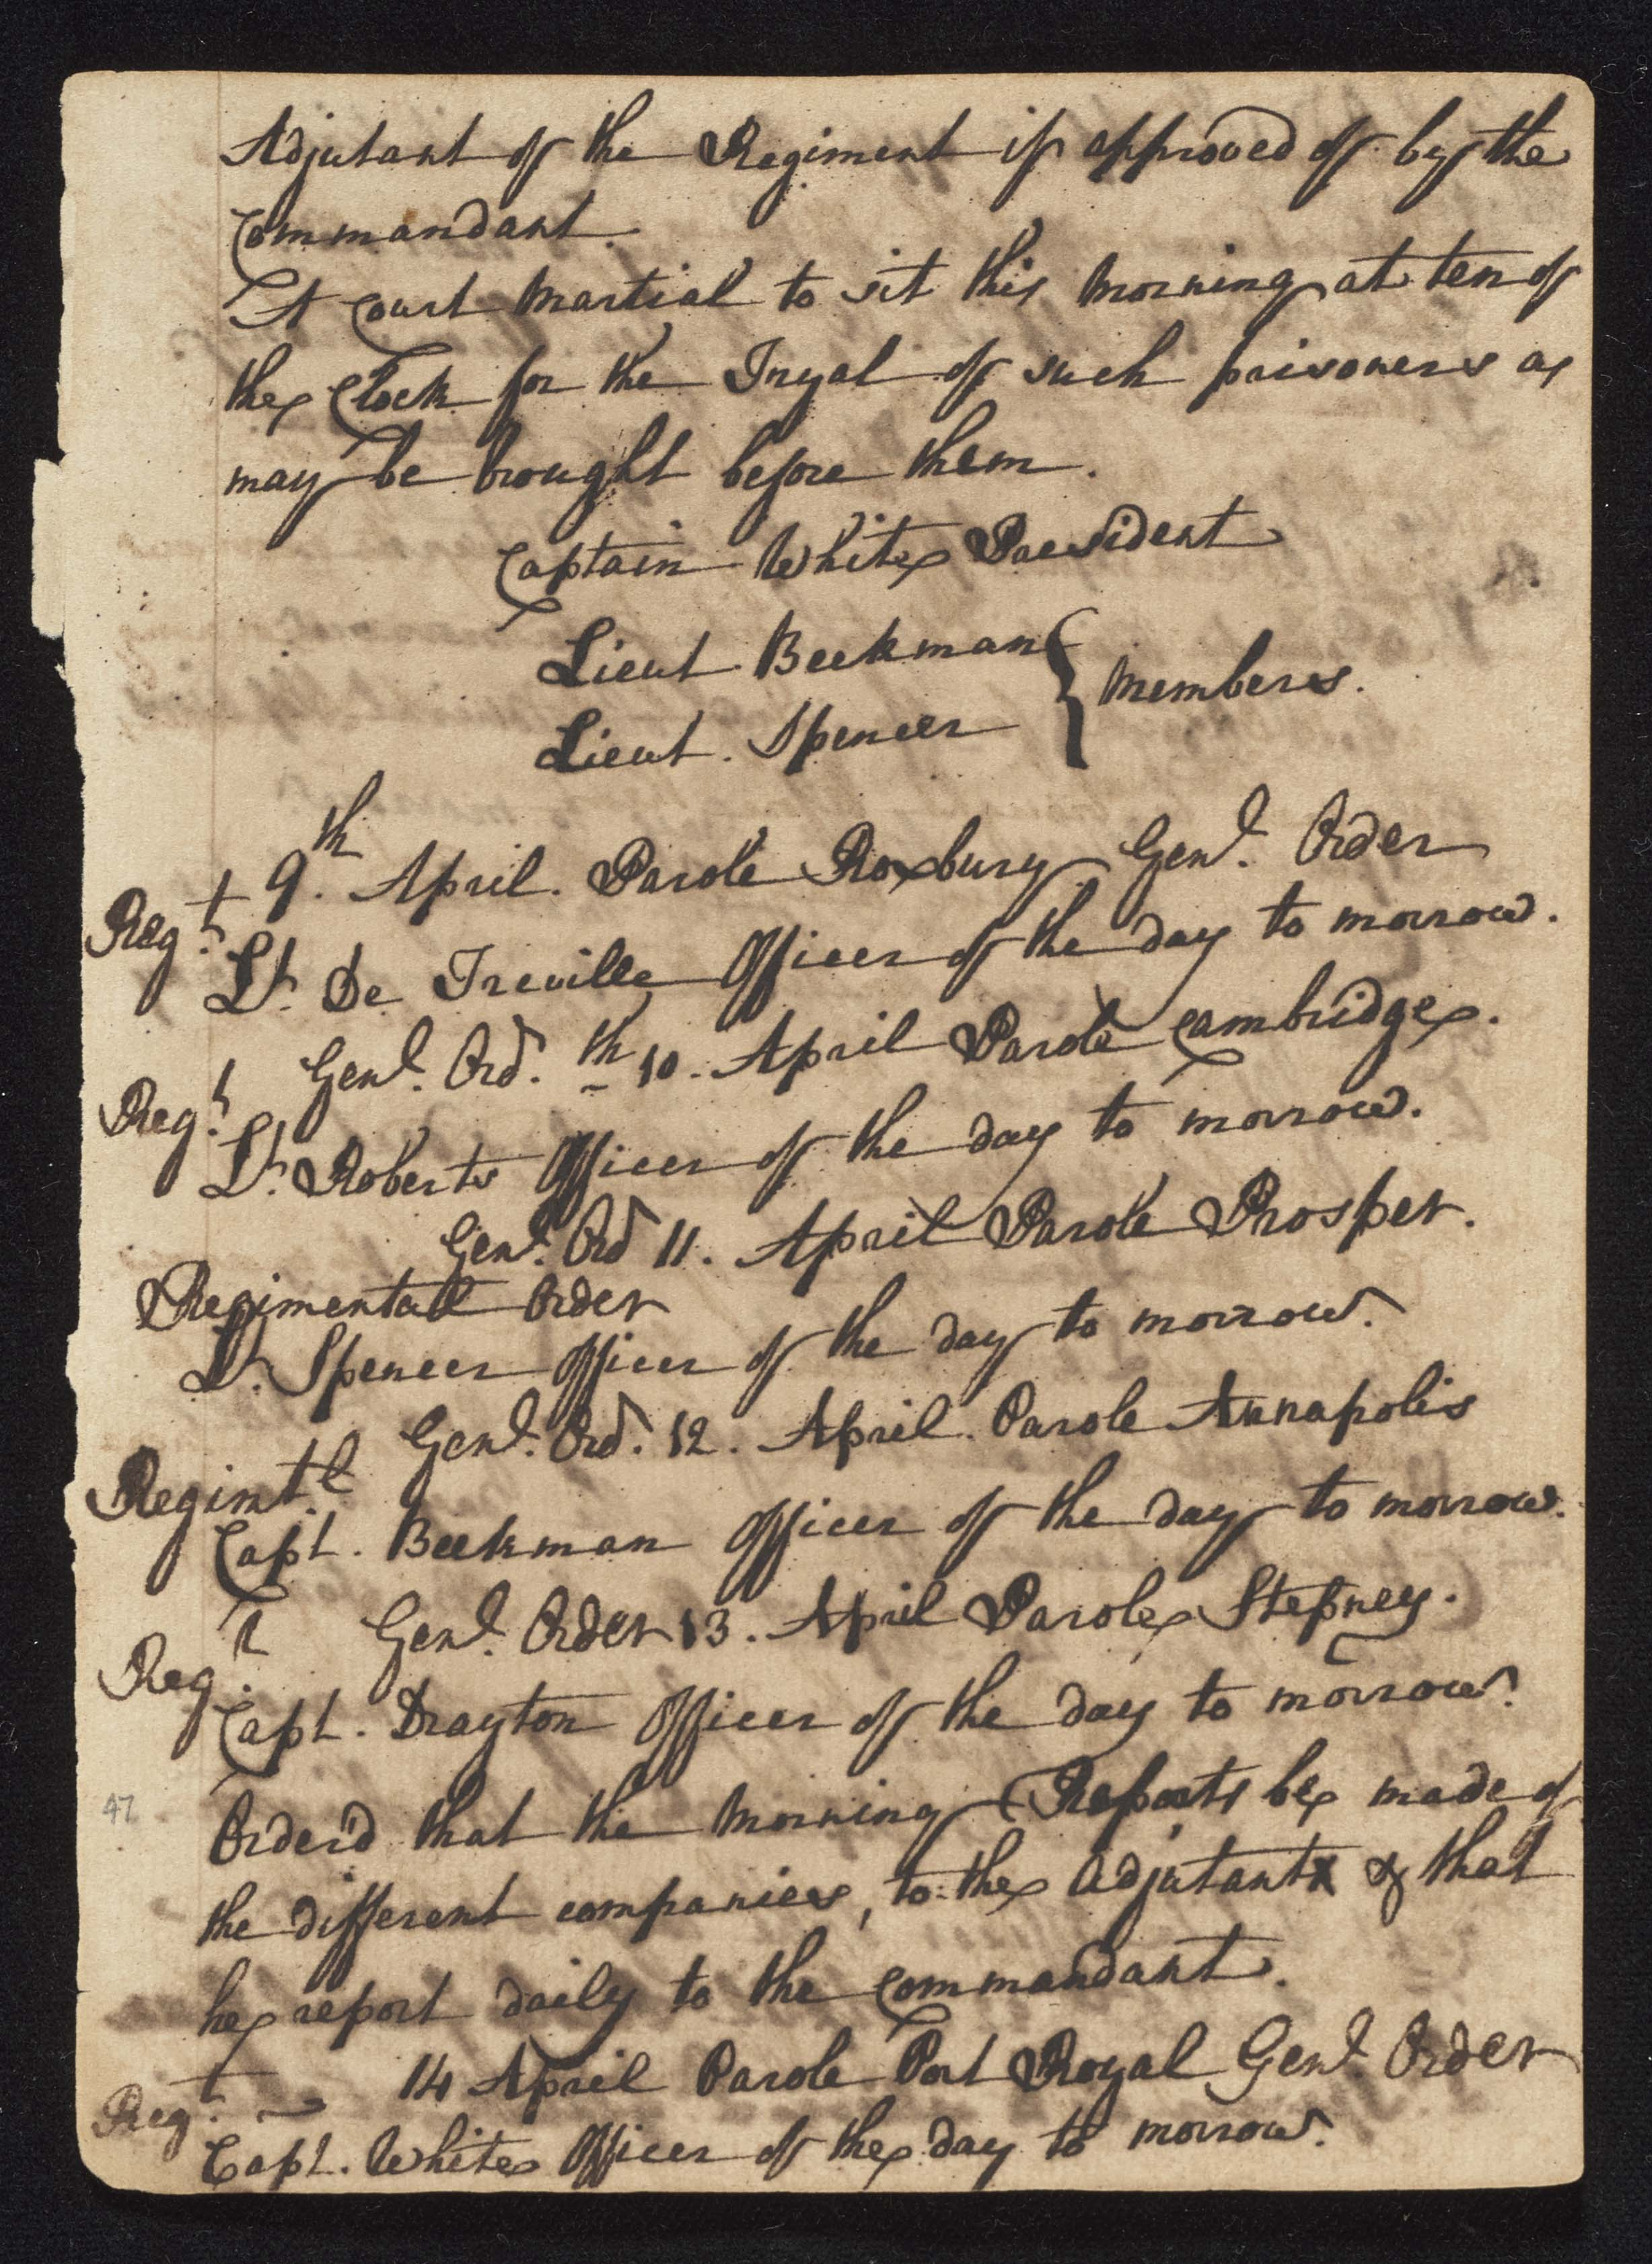 South Carolina Regiment Order Book, Page 93